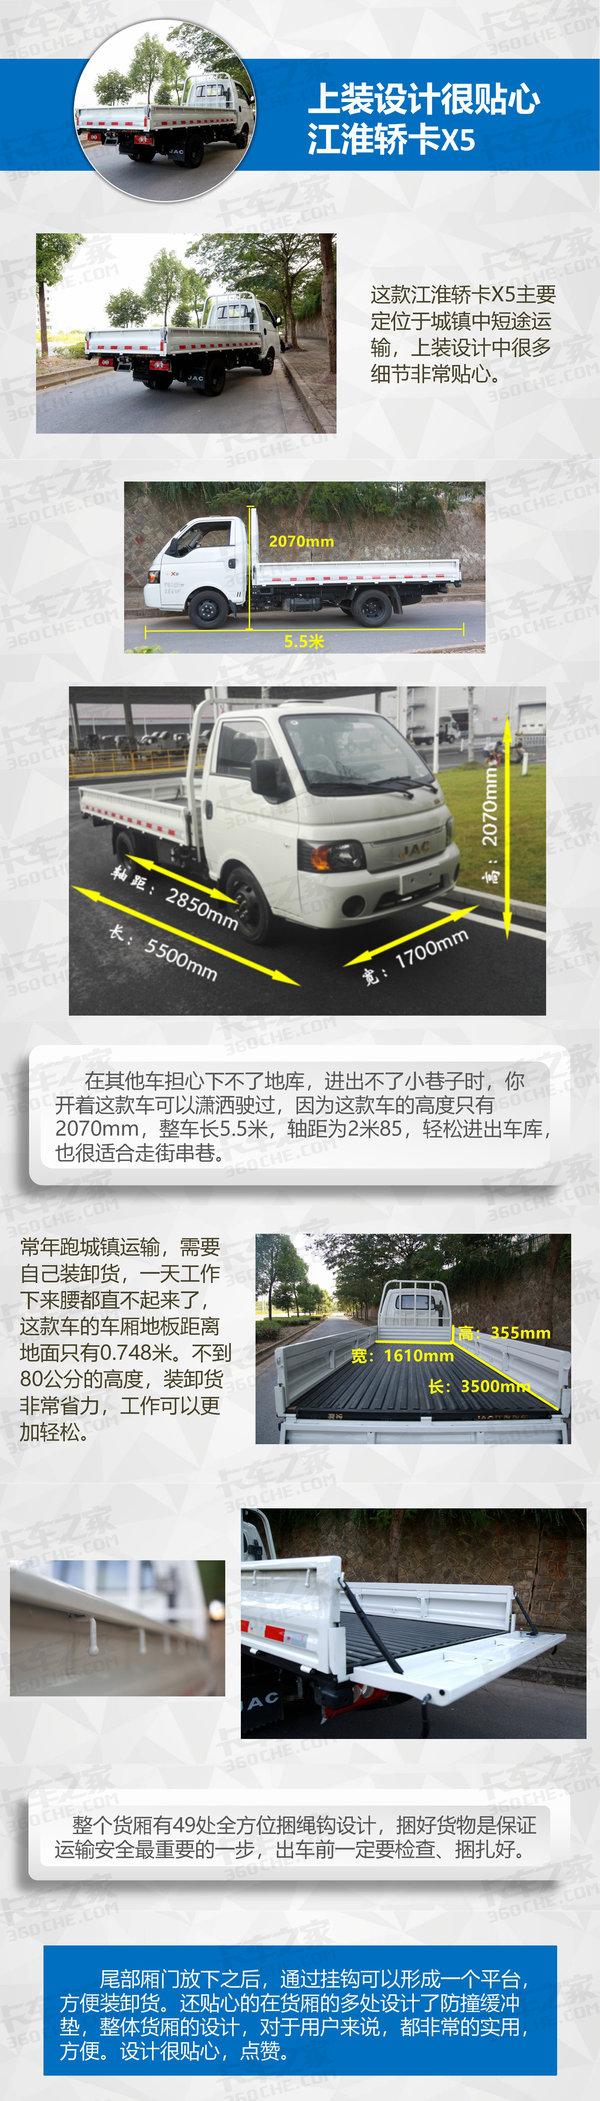 不只是颜值高售价53800元的江淮X5图解